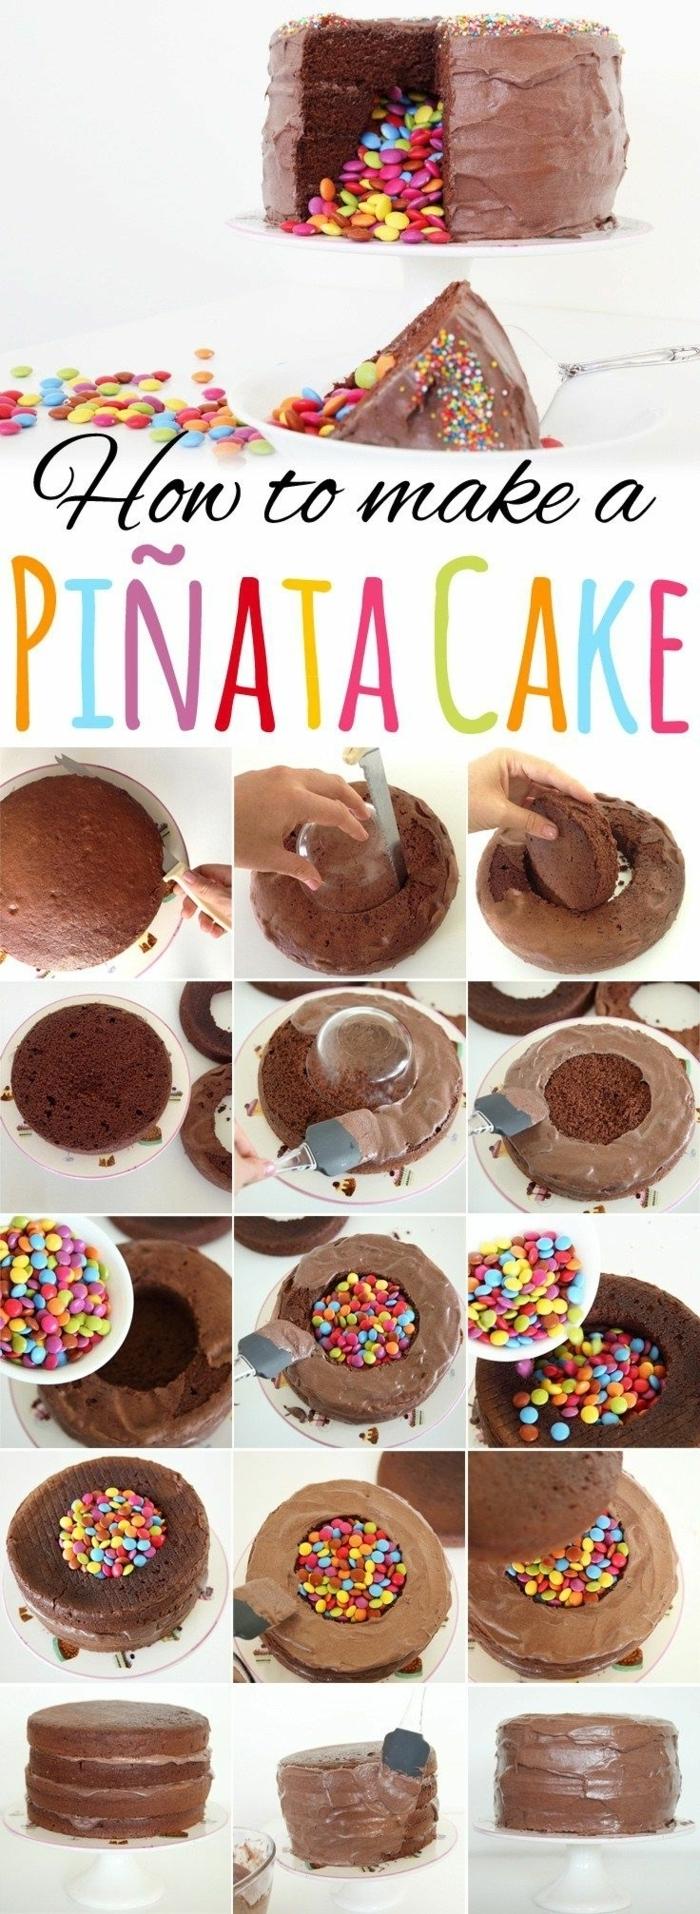 pinata geburtstagstorte anleitung diy schritt für schritt rezept smarties kuchen inspiration für kindergeburtstag schokoladentorte